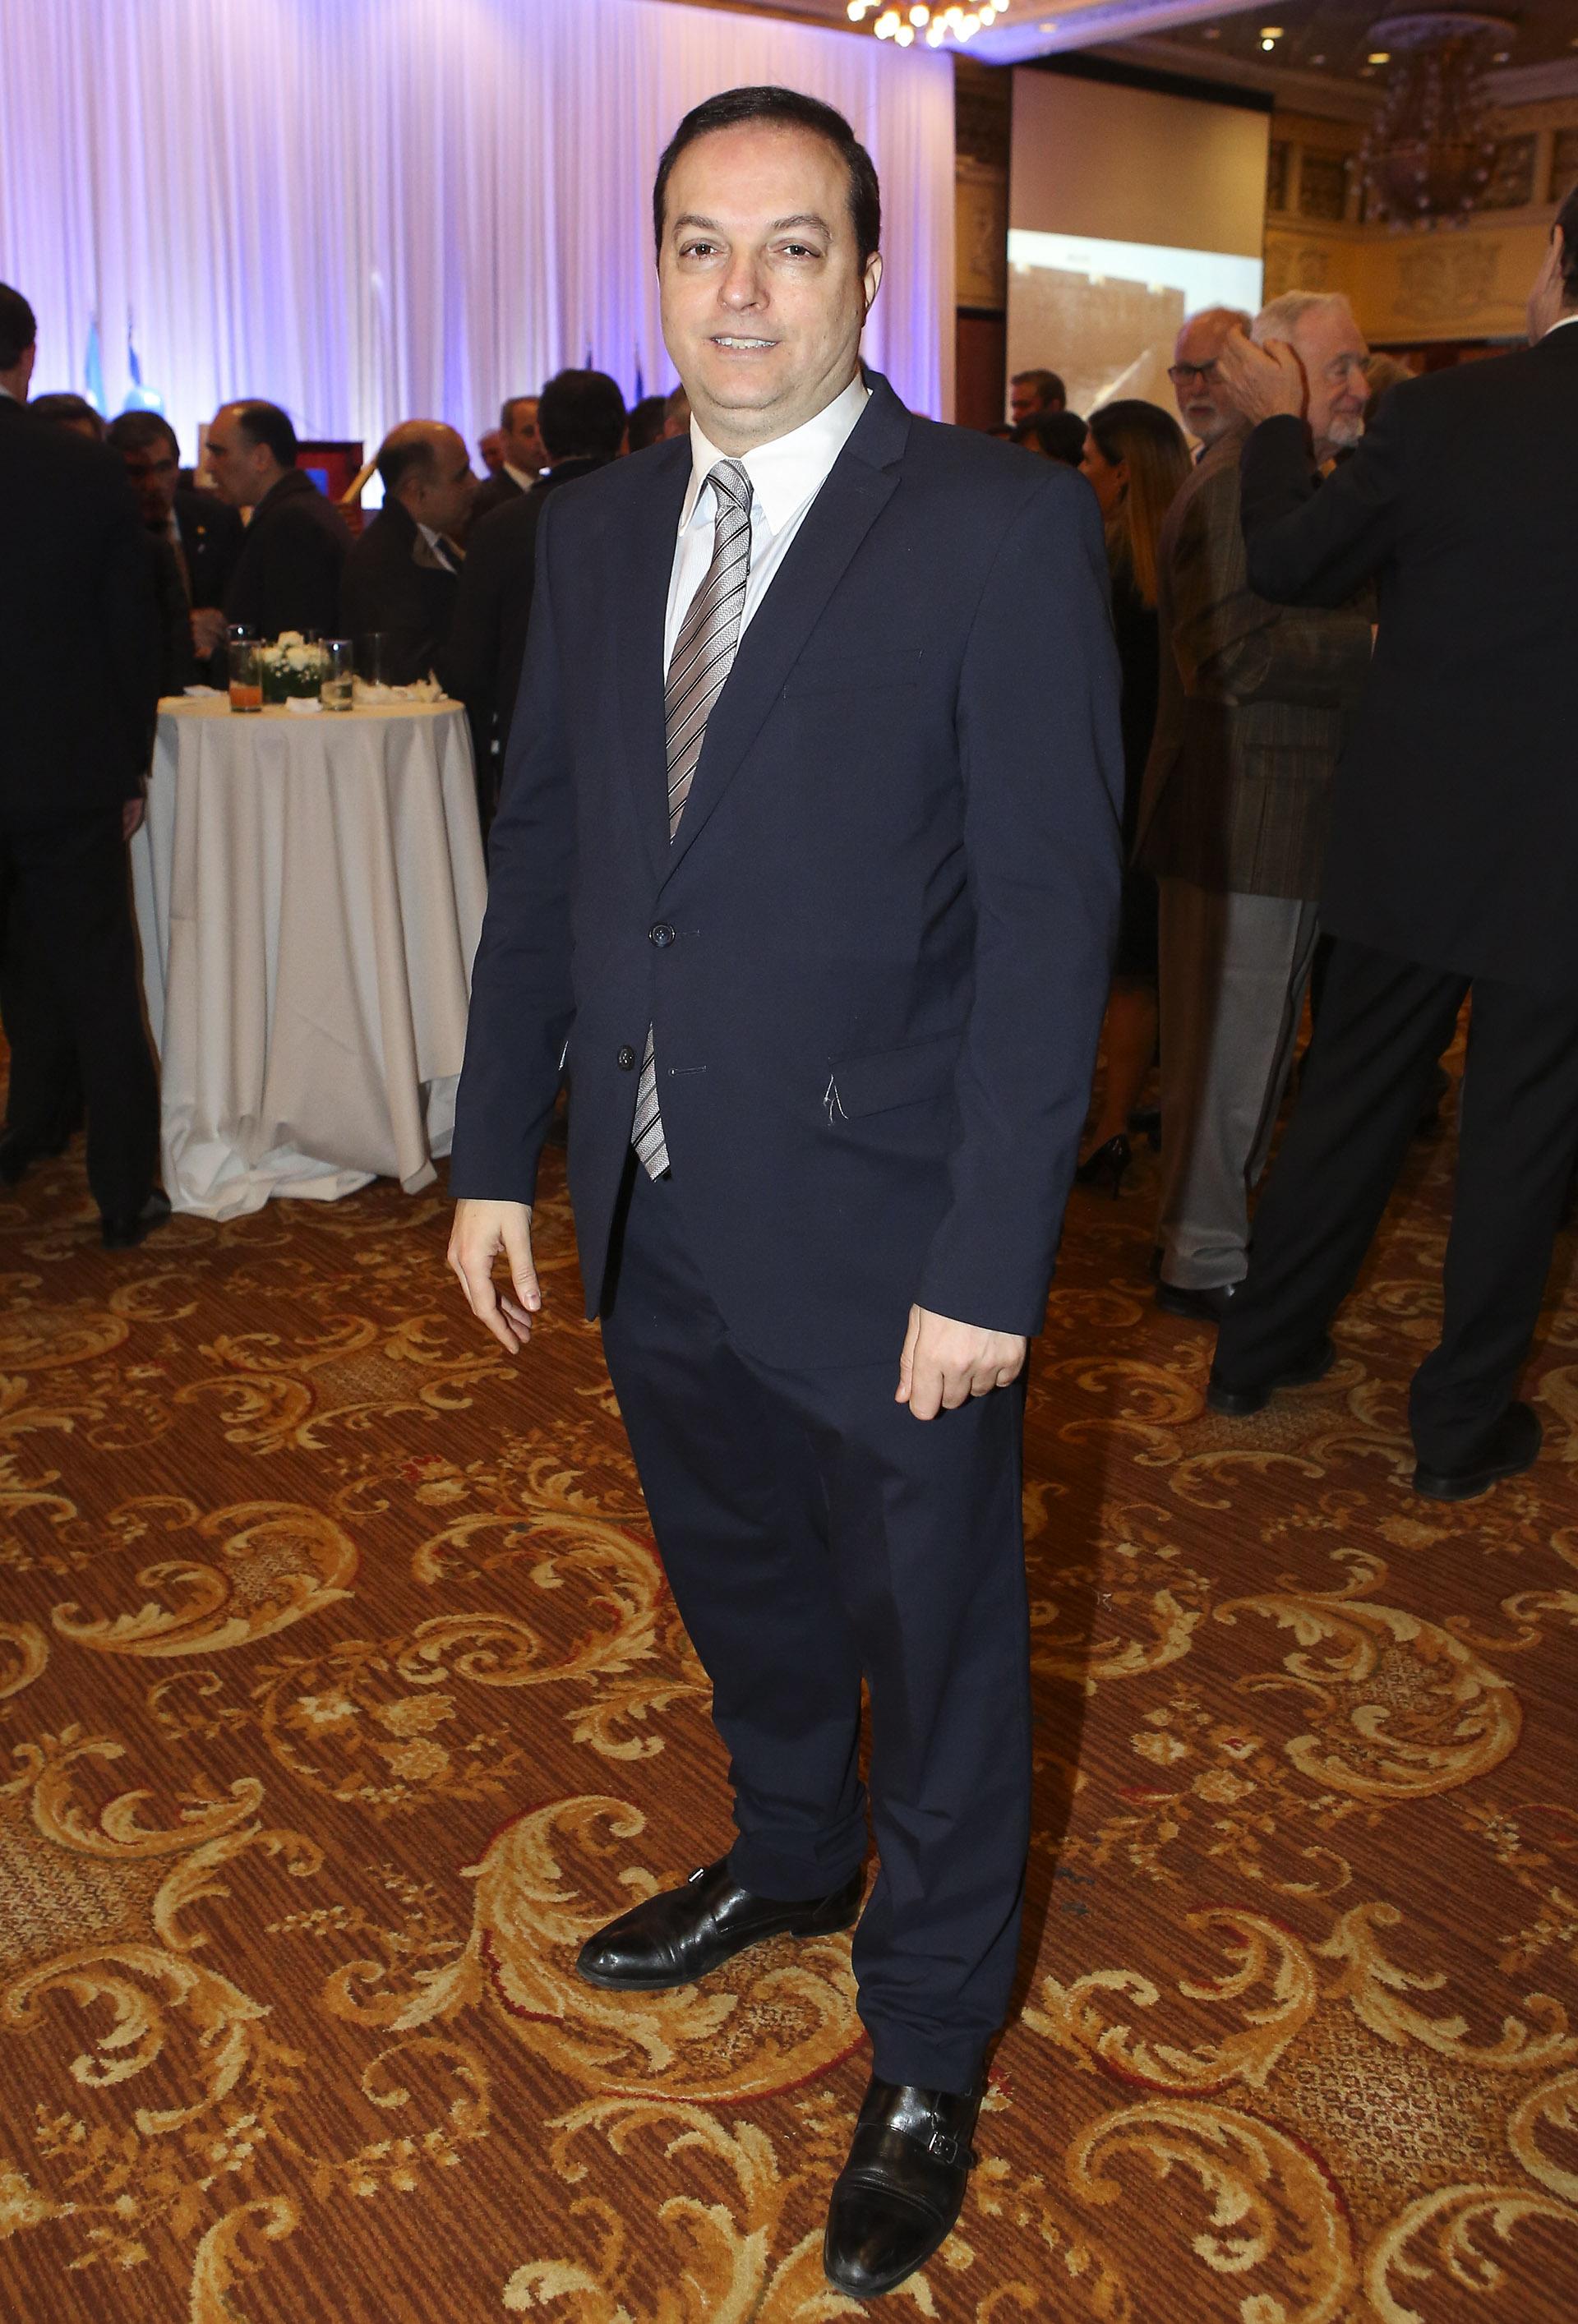 El presidente de la DAIA, Ariel Cohen Sabban